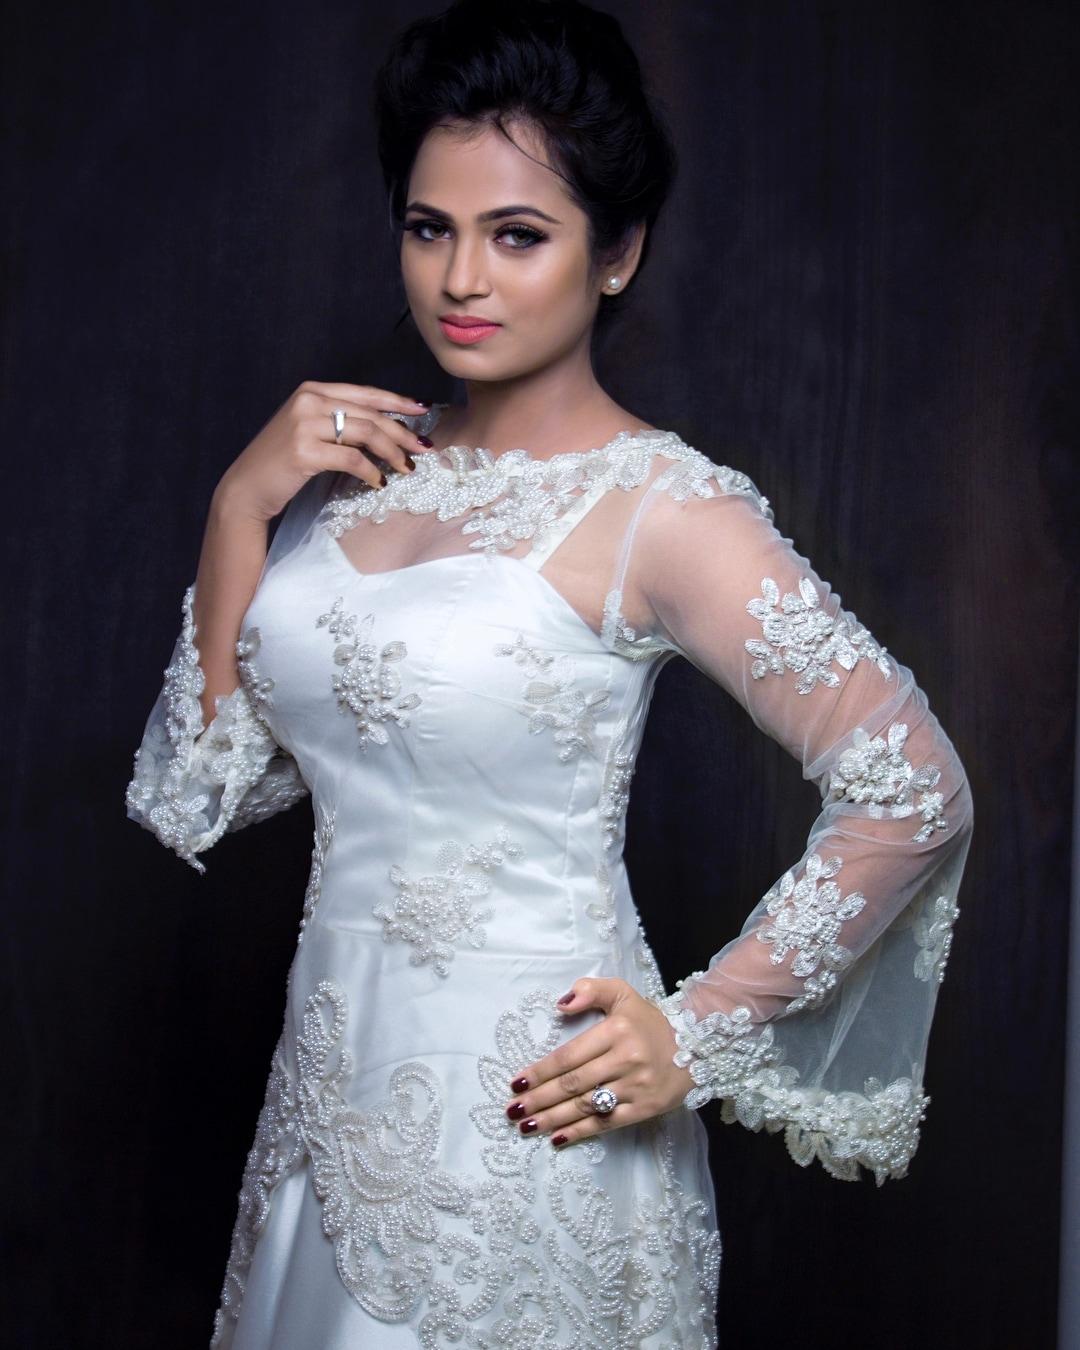 போட்டோஸ்: இன்ஸ்டாகிராம் @actress_ramyapandian/